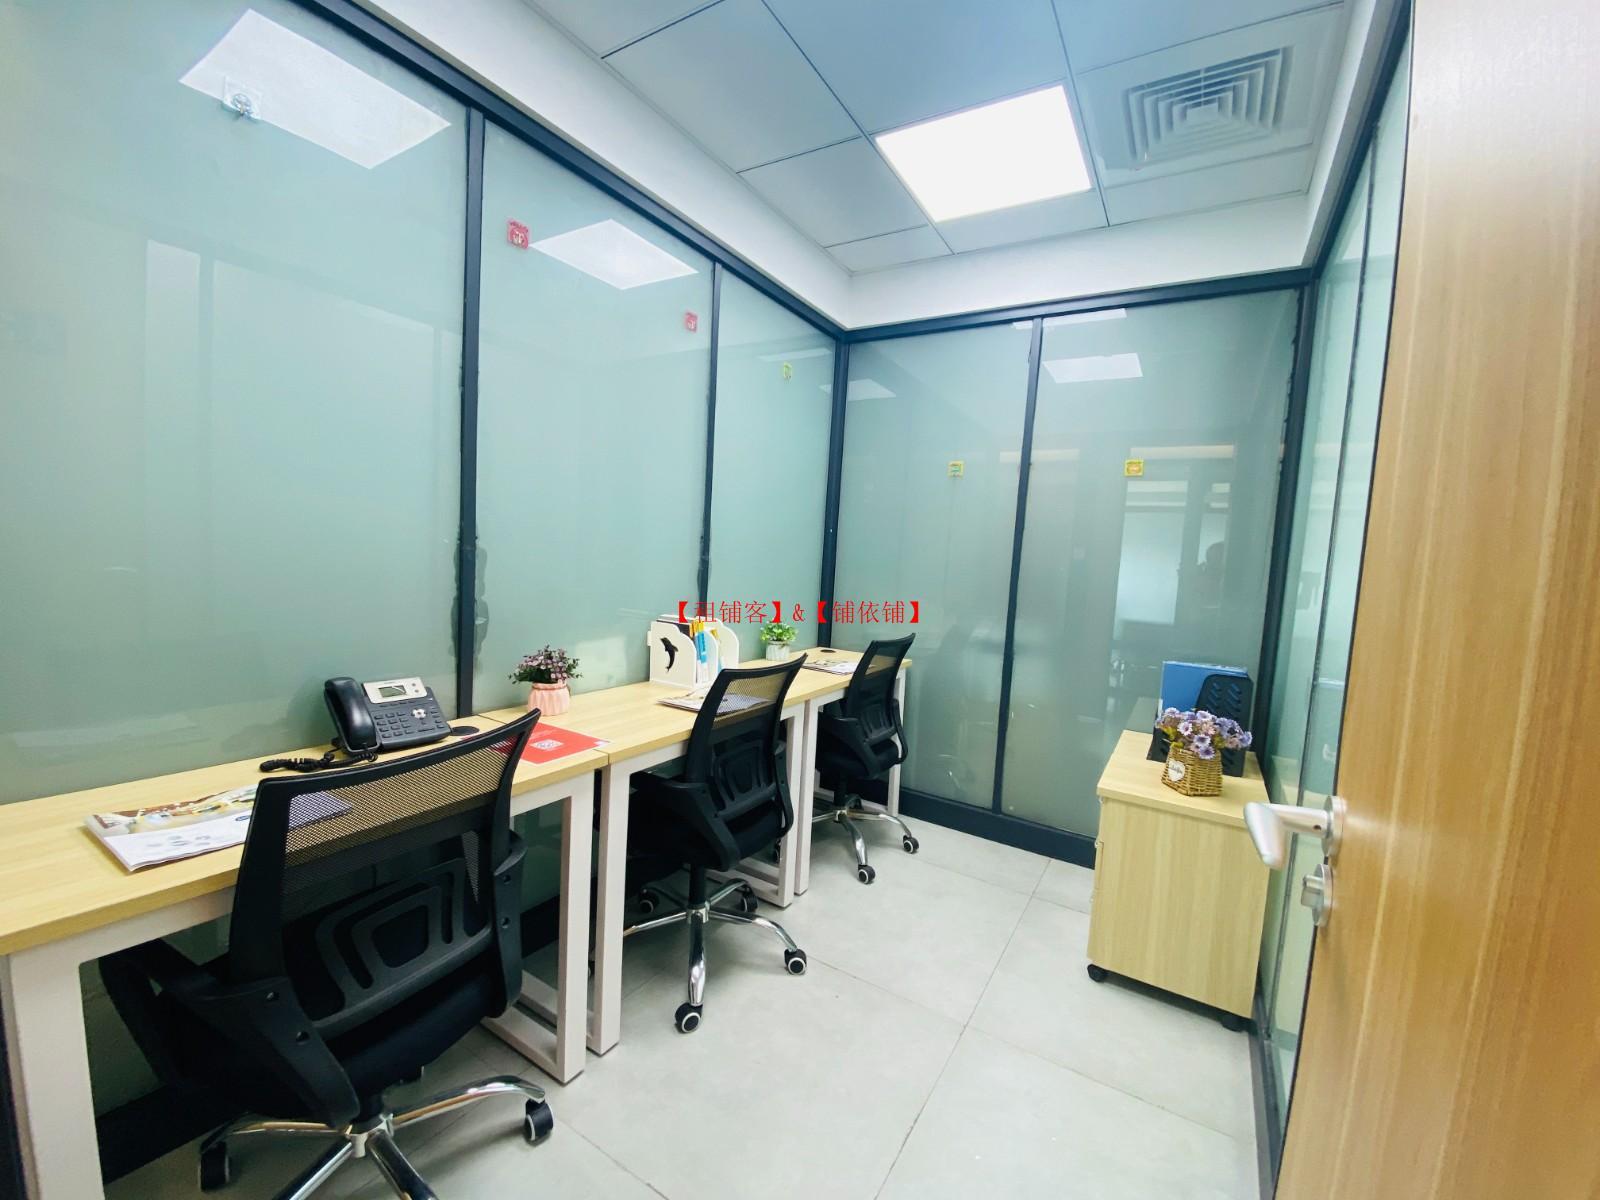 上城区 3人间精装独立办公室1500元 可注册食品医疗器械